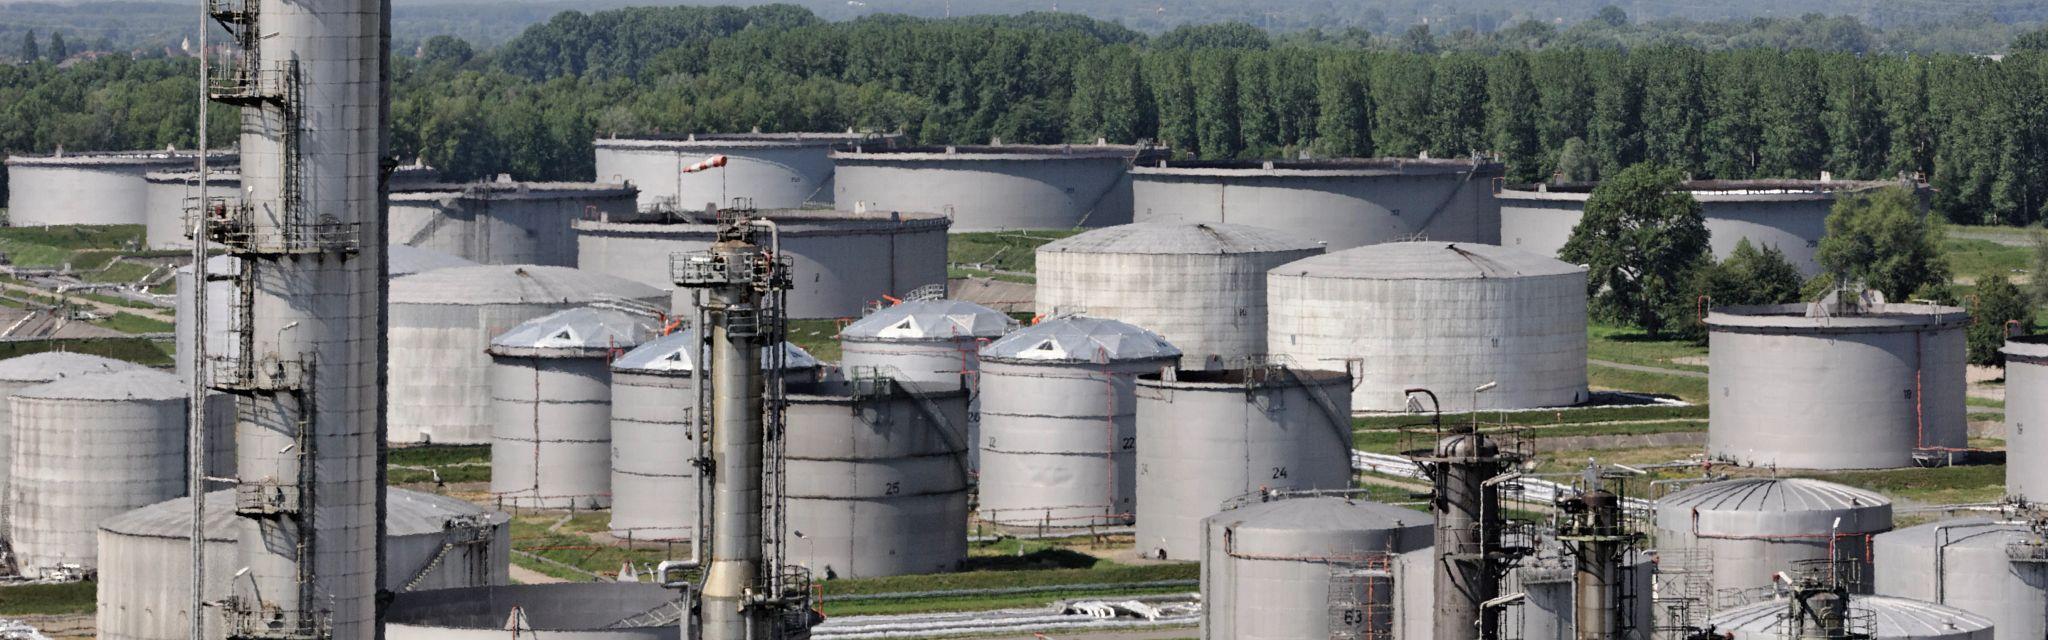 Daytime shot of the MiRo Refinery